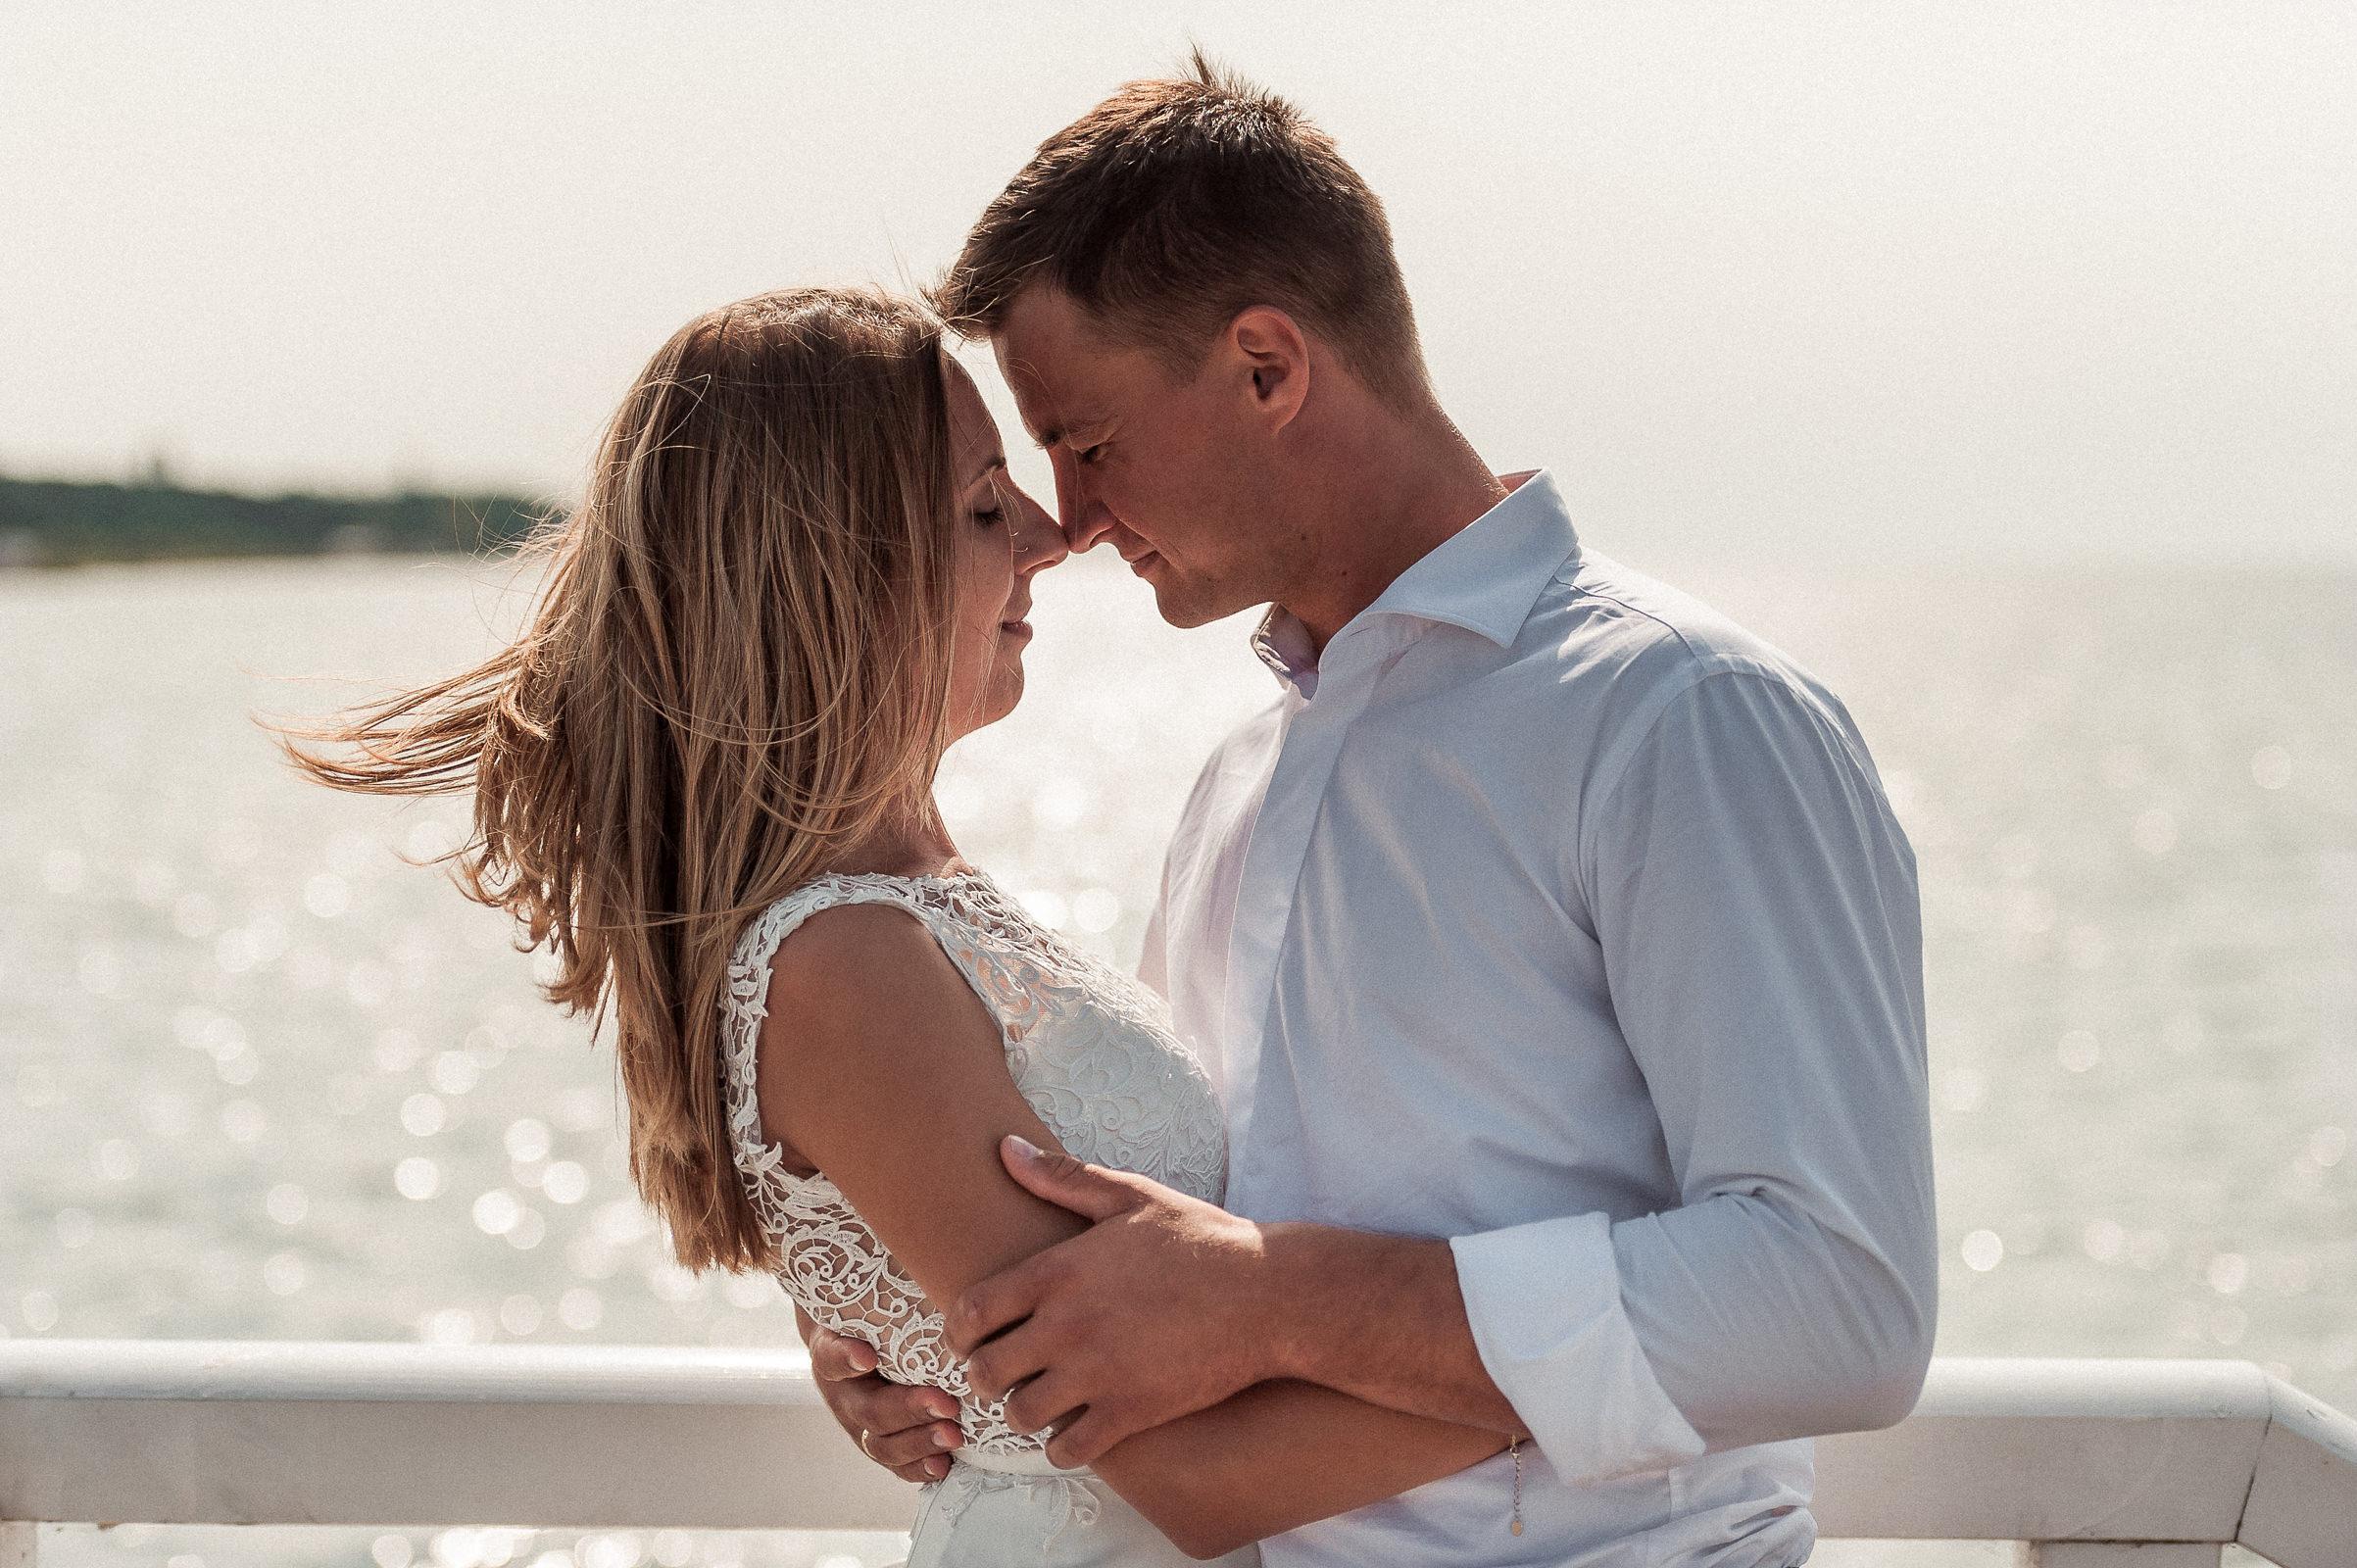 tafla zatoki puckiej mieniąca się w promieniach słońca jest wymarzonym tłem do sesji ślubnej